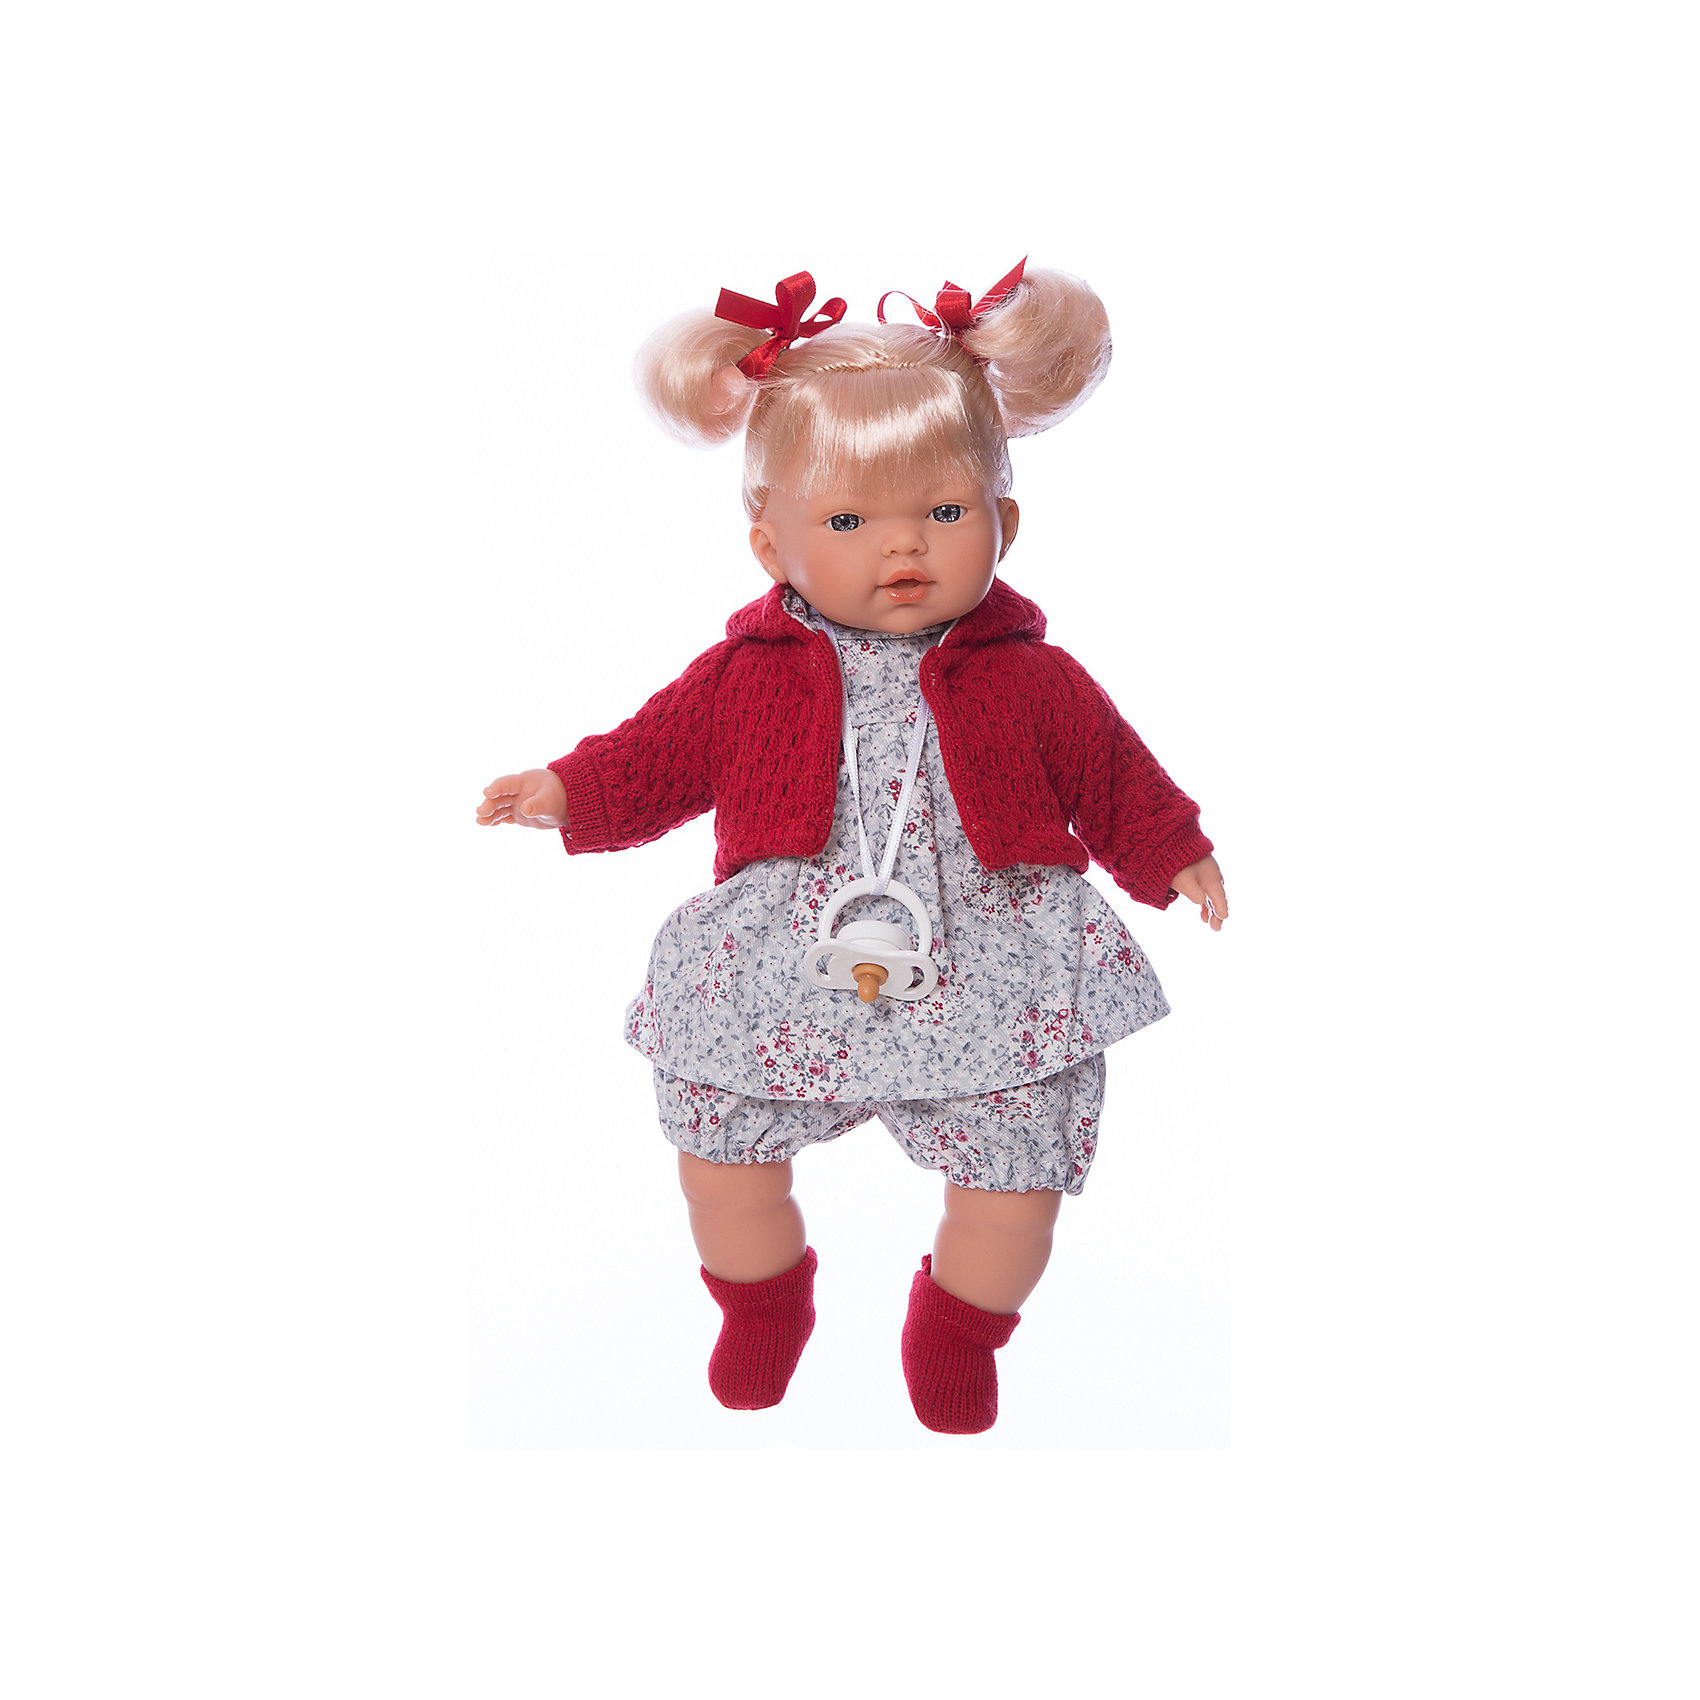 Кукла Изабела, 33 см, LlorensХарактеристики:<br><br>• Предназначение: для сюжетно-ролевых игр<br>• Тип куклы: мягконабивная<br>• Пол куклы: девочка <br>• Цвет волос: блондинка<br>• Материал: поливинилхлорид, пластик, нейлон, текстиль<br>• Цвет: красный, белый, серый, розовый<br>• Высота куклы: 33 см<br>• Комплектация: кукла, платье, кофточка с капюшоном, носочки, пустышка на ленточке<br>• Звуковые эффекты: плачет, произносит мама и папа<br>• Батарейки: з шт. типа AG13/LR44 (предусмотрены в комплекте)<br>• Вес: 660 г<br>• Размеры упаковки (Д*В*Ш): 20*37*10 см<br>• Упаковка: подарочная картонная коробка <br>• Особенности ухода: допускается деликатная стирка без использования красящих и отбеливающих средств предметов одежды куклы<br><br>Кукла Изабела 33 см – кукла, производителем которого является всемирно известный испанский кукольный бренд Llorens. Куклы этой торговой марки имеют свою неповторимую внешность и целую линейку образов как пупсов, так и кукол-малышей. Игрушки выполнены из сочетания поливинилхлорида и пластика, что позволяет с высокой долей достоверности воссоздать физиологические и мимические особенности маленьких детей. При изготовлении кукол Llorens используются только сертифицированные материалы, безопасные и не вызывающие аллергических реакций. Волосы у кукол отличаются густотой, шелковистостью и блеском, при расчесывании они не выпадают и не ломаются.<br>Кукла Изабела 33 см выполнена в образе малышки: голубые глаза и задорные короткие хвостики делают образ куклы необычайно очаровательным. В комплект одежды Изабелы входит легкое платьице в цветочек, короткие панталончики, теплая кофточка с капюшоном и носочки. Изабела умеет плакать, а также говорить мама и папа. Чтобы малышка не плакала, у нее имеется соска на атласной ленточке. <br>Кукла Изабела 33 см – это идеальный вариант для подарка к различным праздникам и торжествам.<br><br>Куклу Изабелу 33 см можно купить в нашем интернет-магазине.<br><br>Ширина мм: 20<br>Глубина мм: 37<br>Высота мм: 10<br>Вес